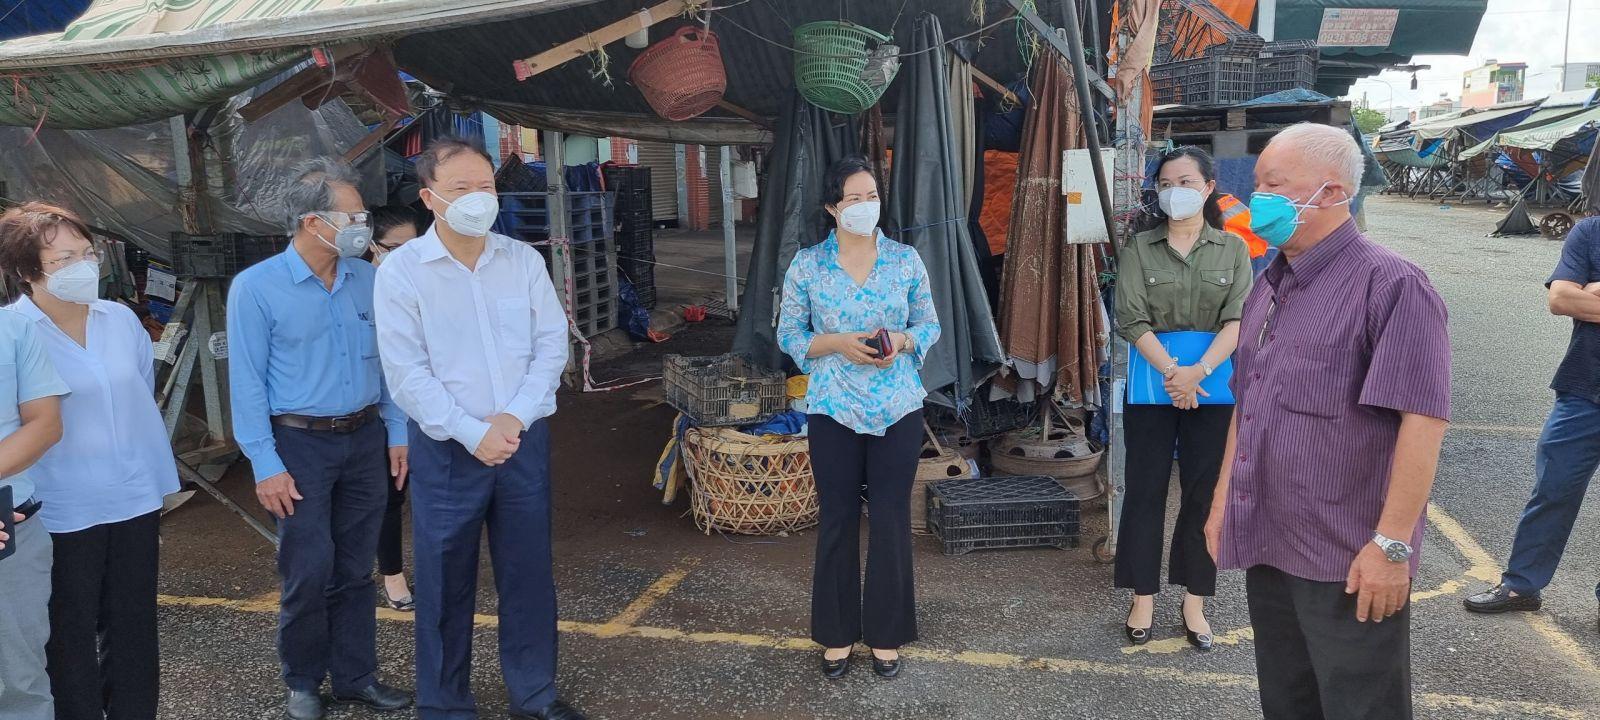 Thứ trưởng Đỗ Thắng Hải và Tổ công tác đặc biệt Bộ Công thương, Bộ NN-PTNT... đi thực tế tại chợ đầu mối TP.HCM